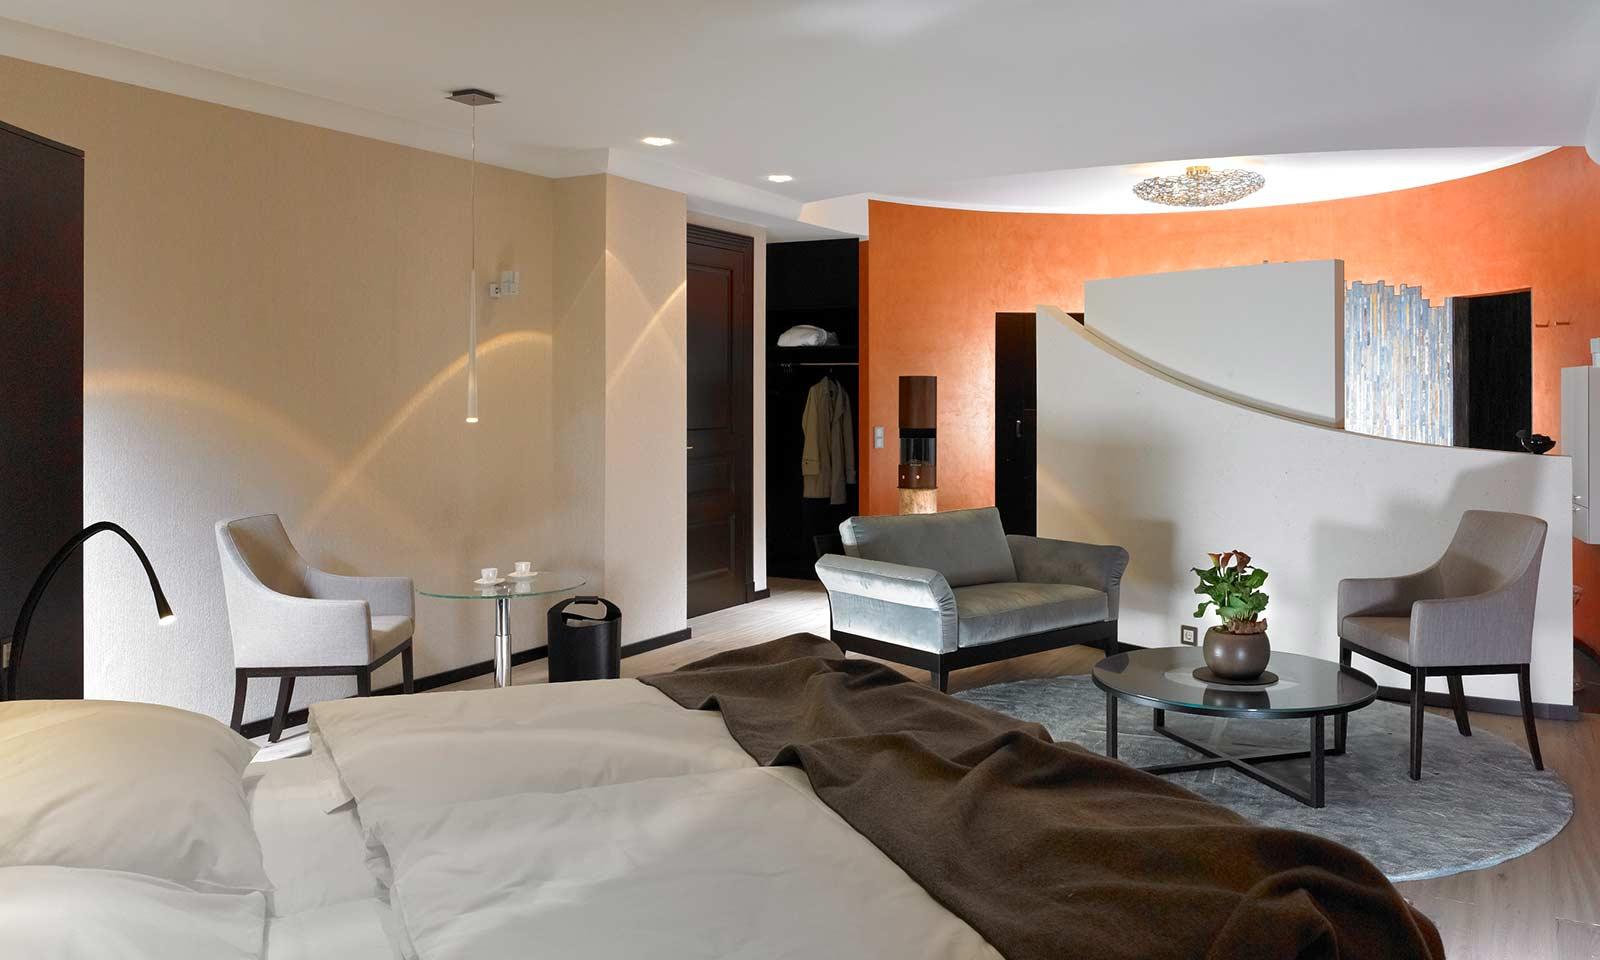 08-kreienbaum-generalunternehmer-hotel